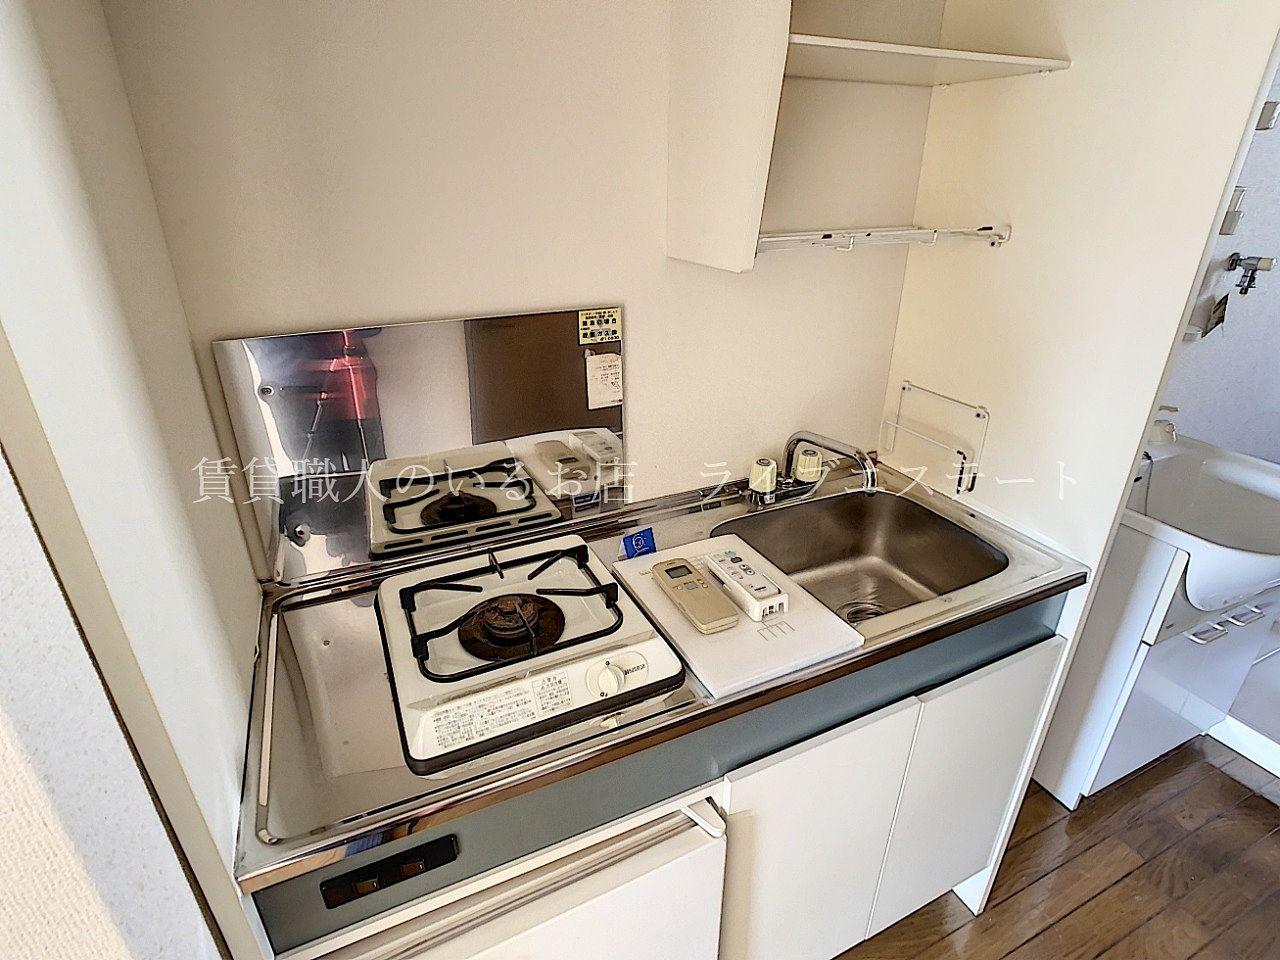 湯沸かしや簡単な調理をするのには十分なキッチン